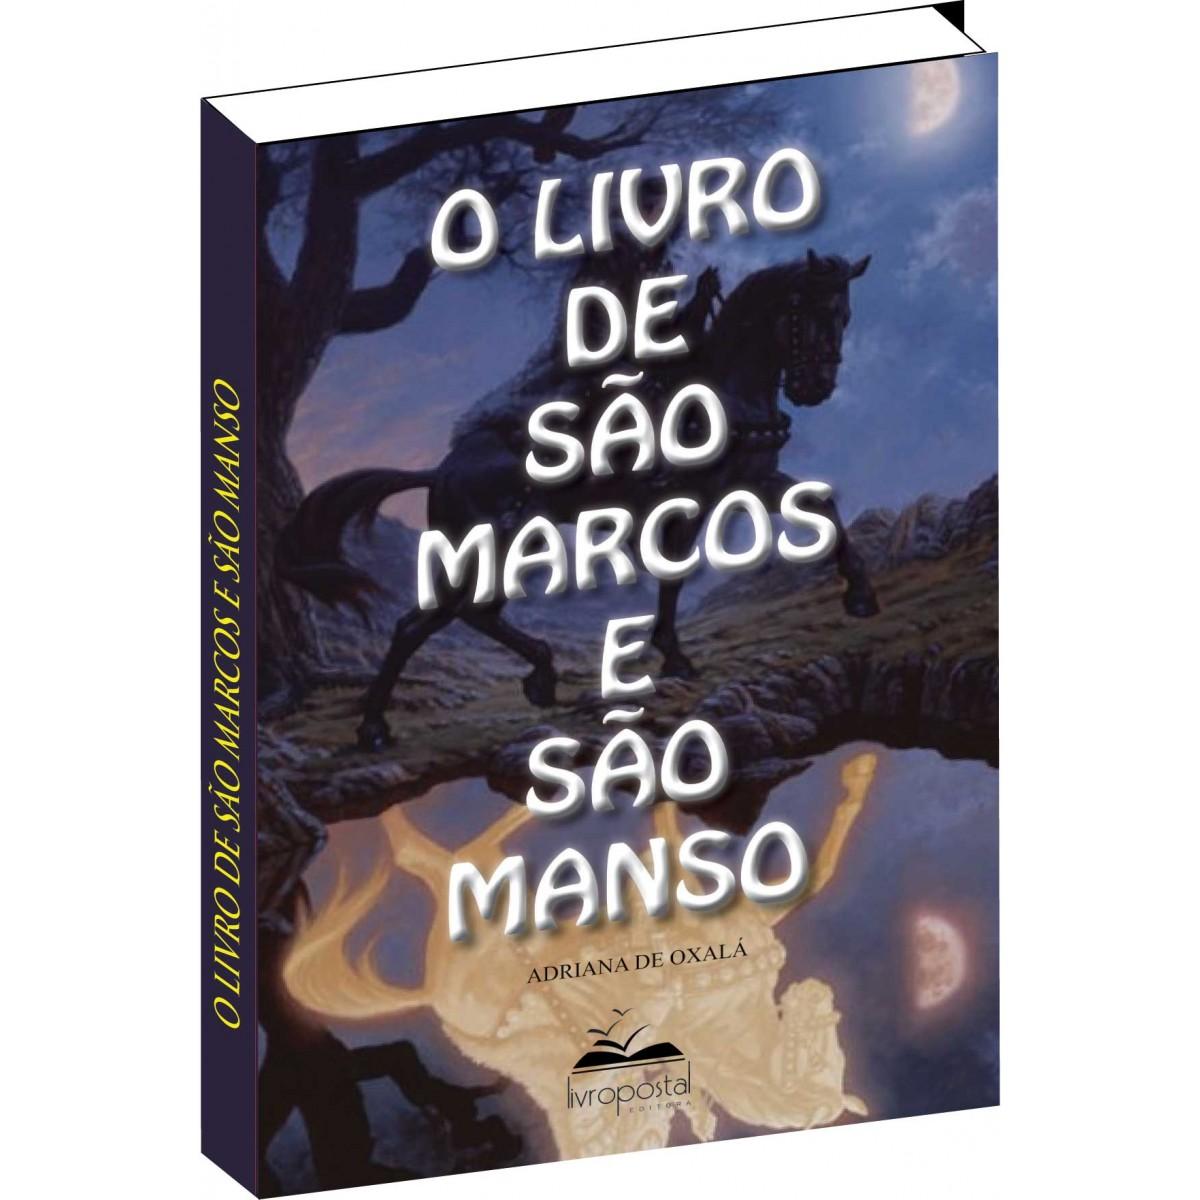 Livro de São Marcos e São Manso  - Livropostal Editora